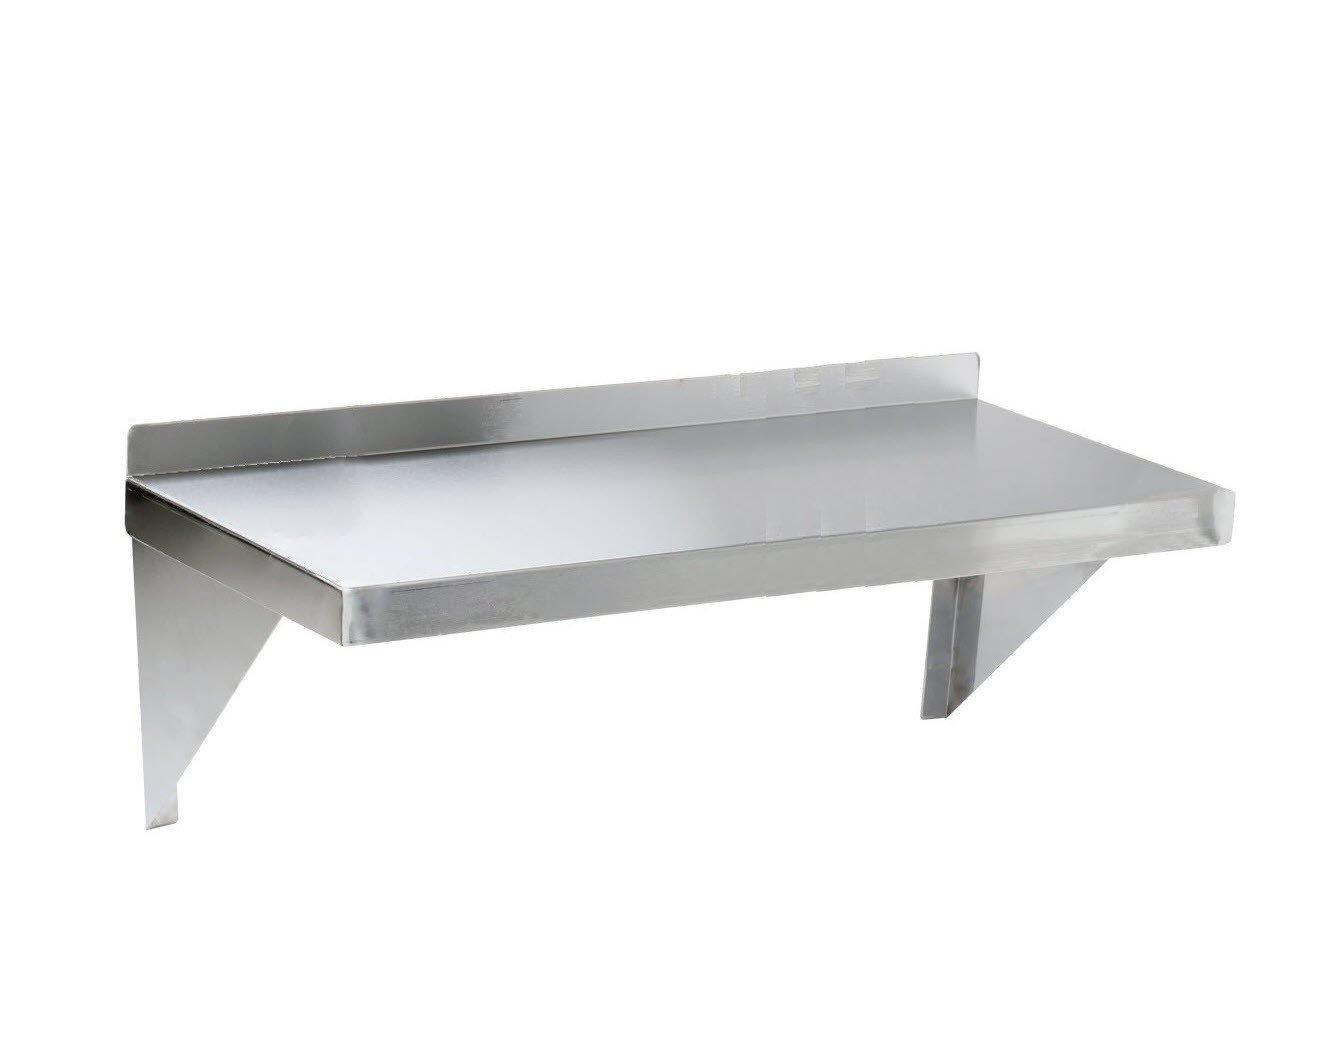 Regency 16 Gauge 12'' x 48'' Stainless Steel solid heavy duty wall Shelf (16 Gauge, 12x48)